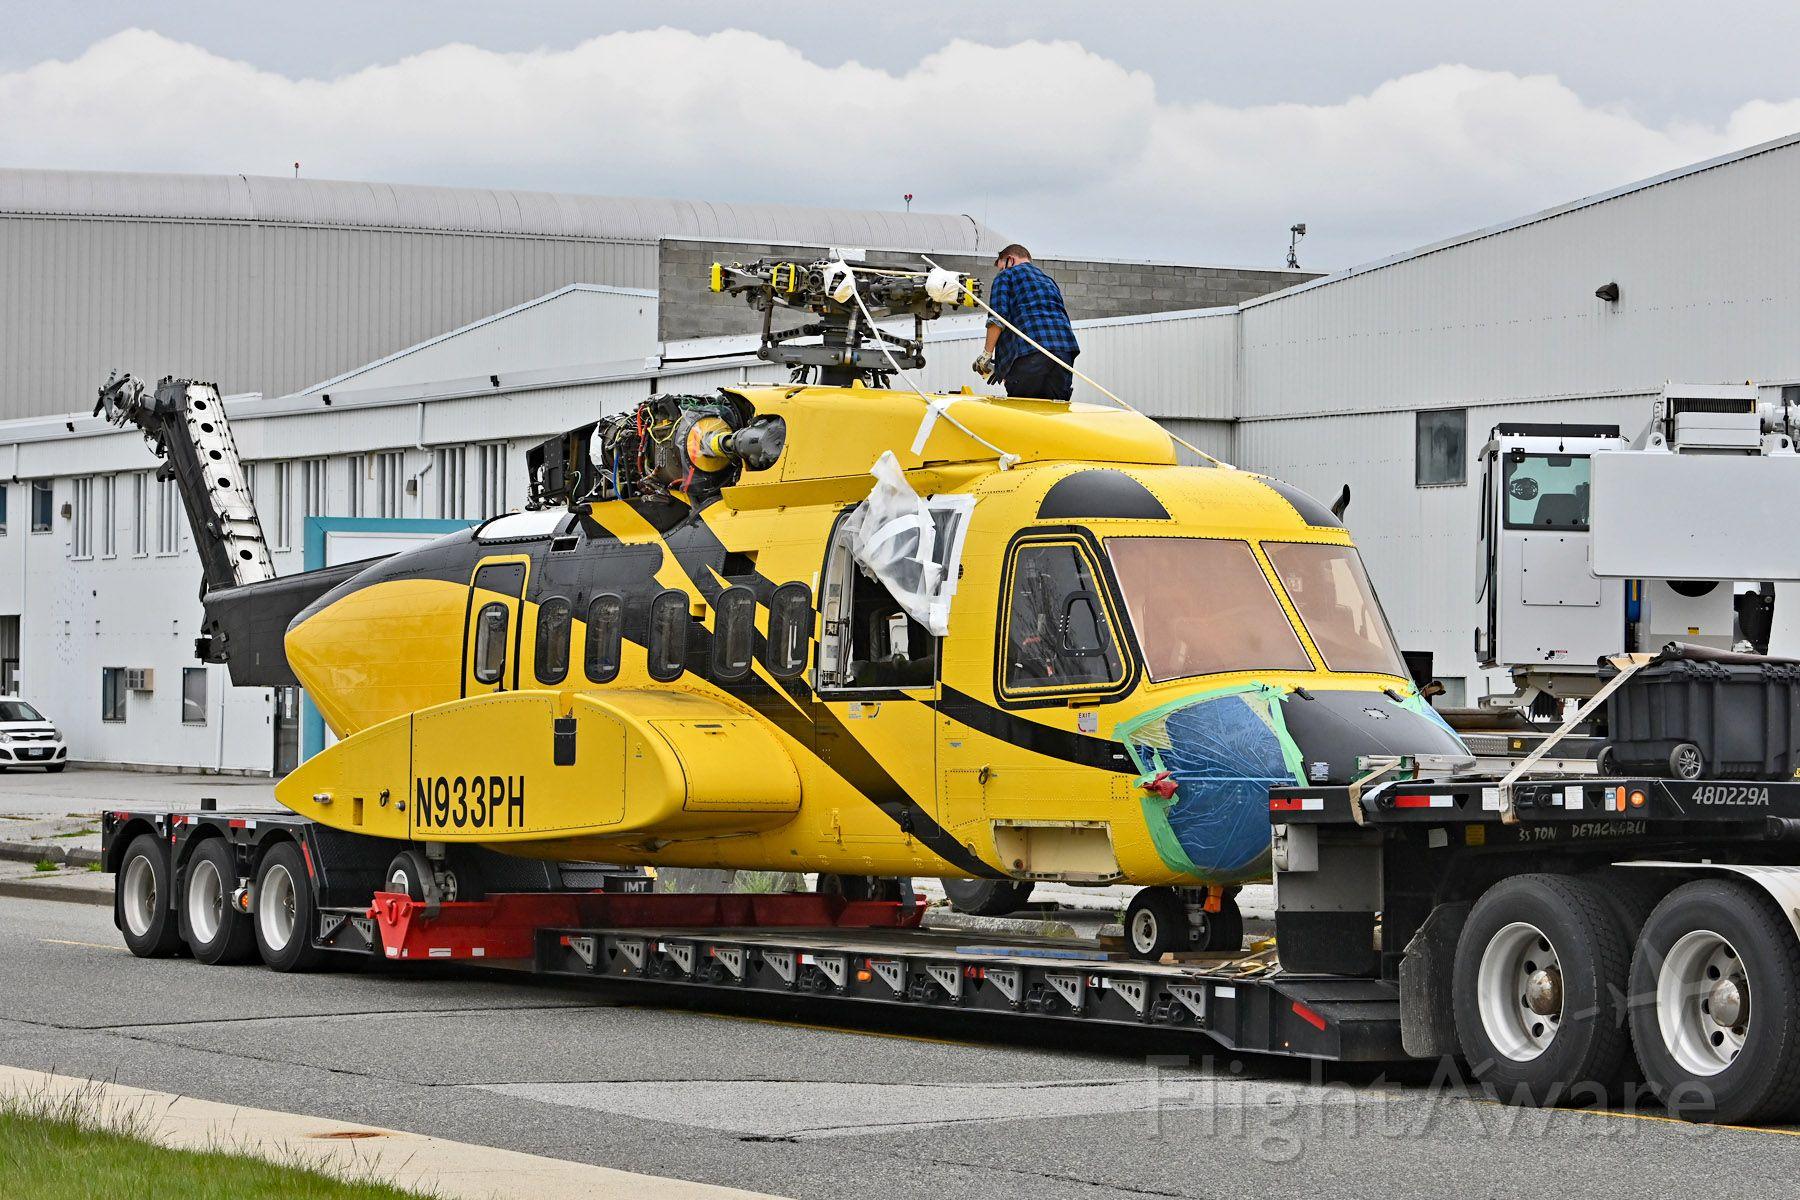 Sikorsky Helibus (N933PH)